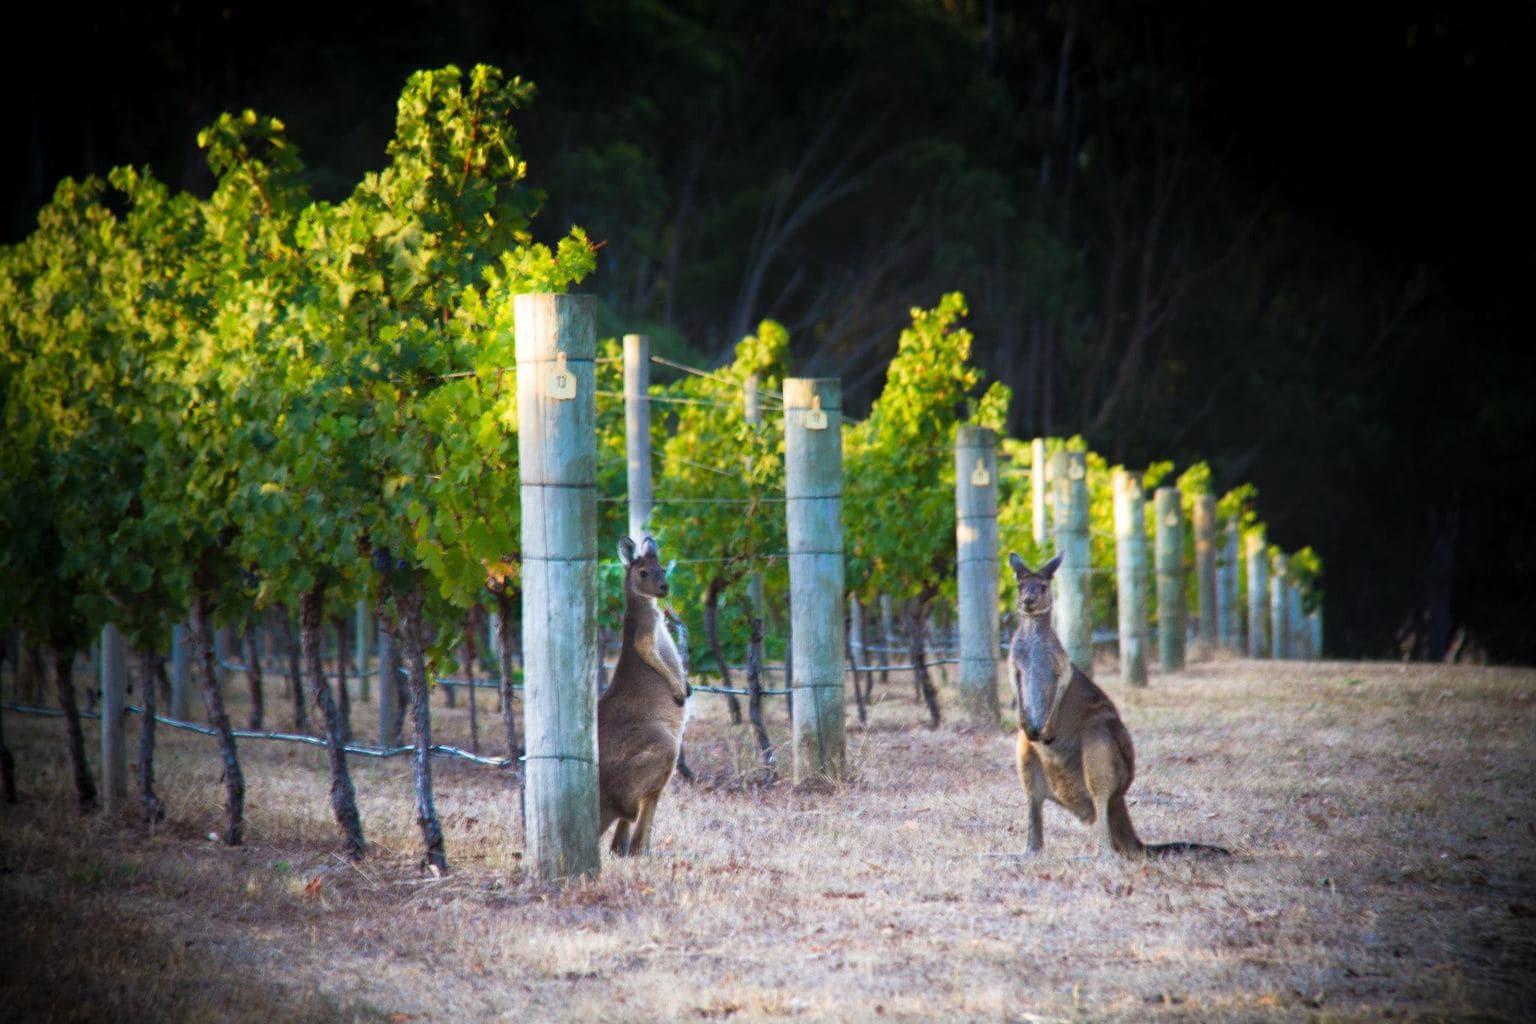 Kangaroos at Cape Mentelle